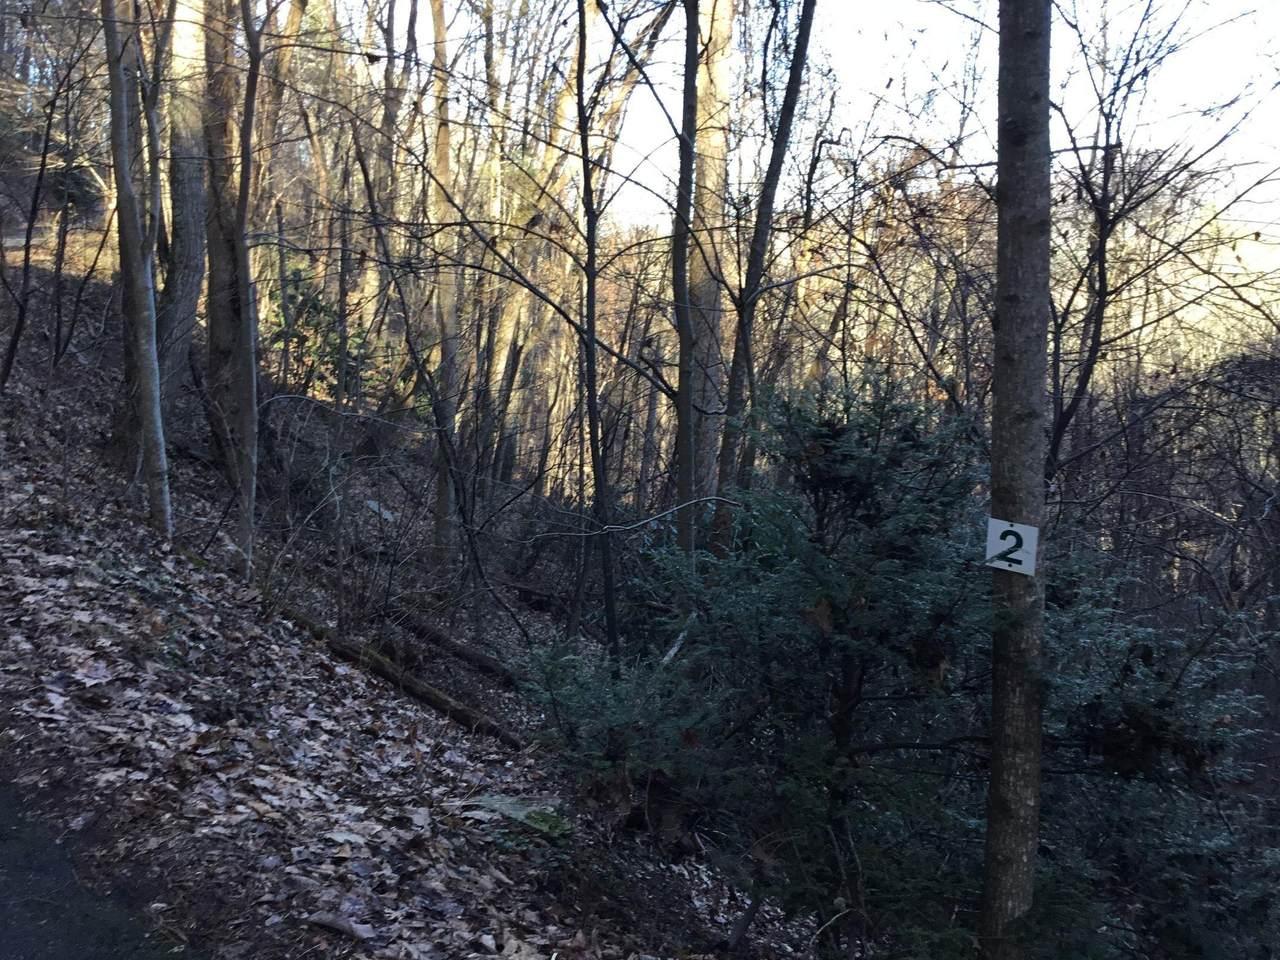 Tbd Banjo Ridge Rd Lot 2 - Photo 1